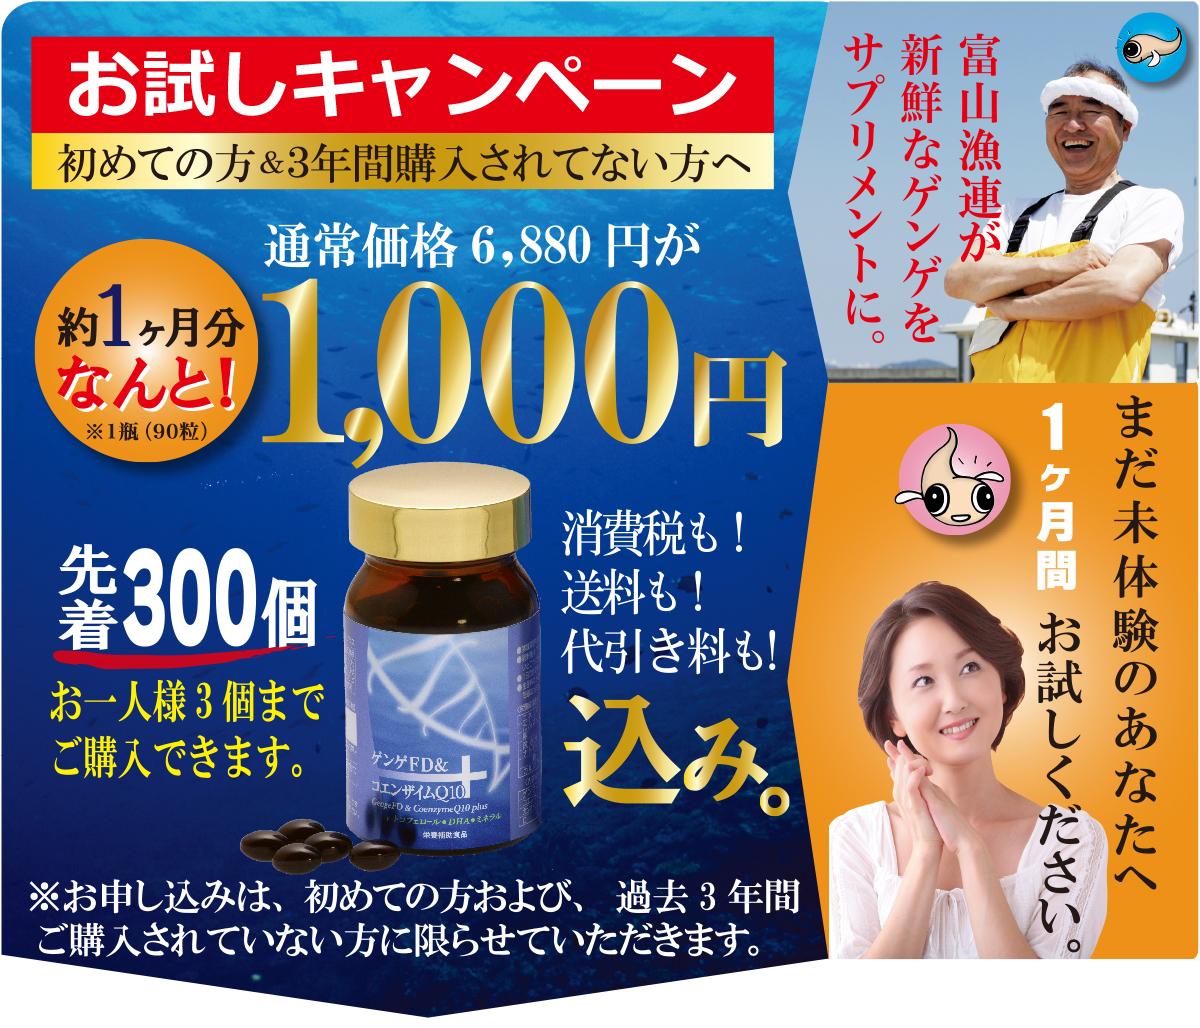 お試しキャンペーン 富山漁連のゲンゲサプリを